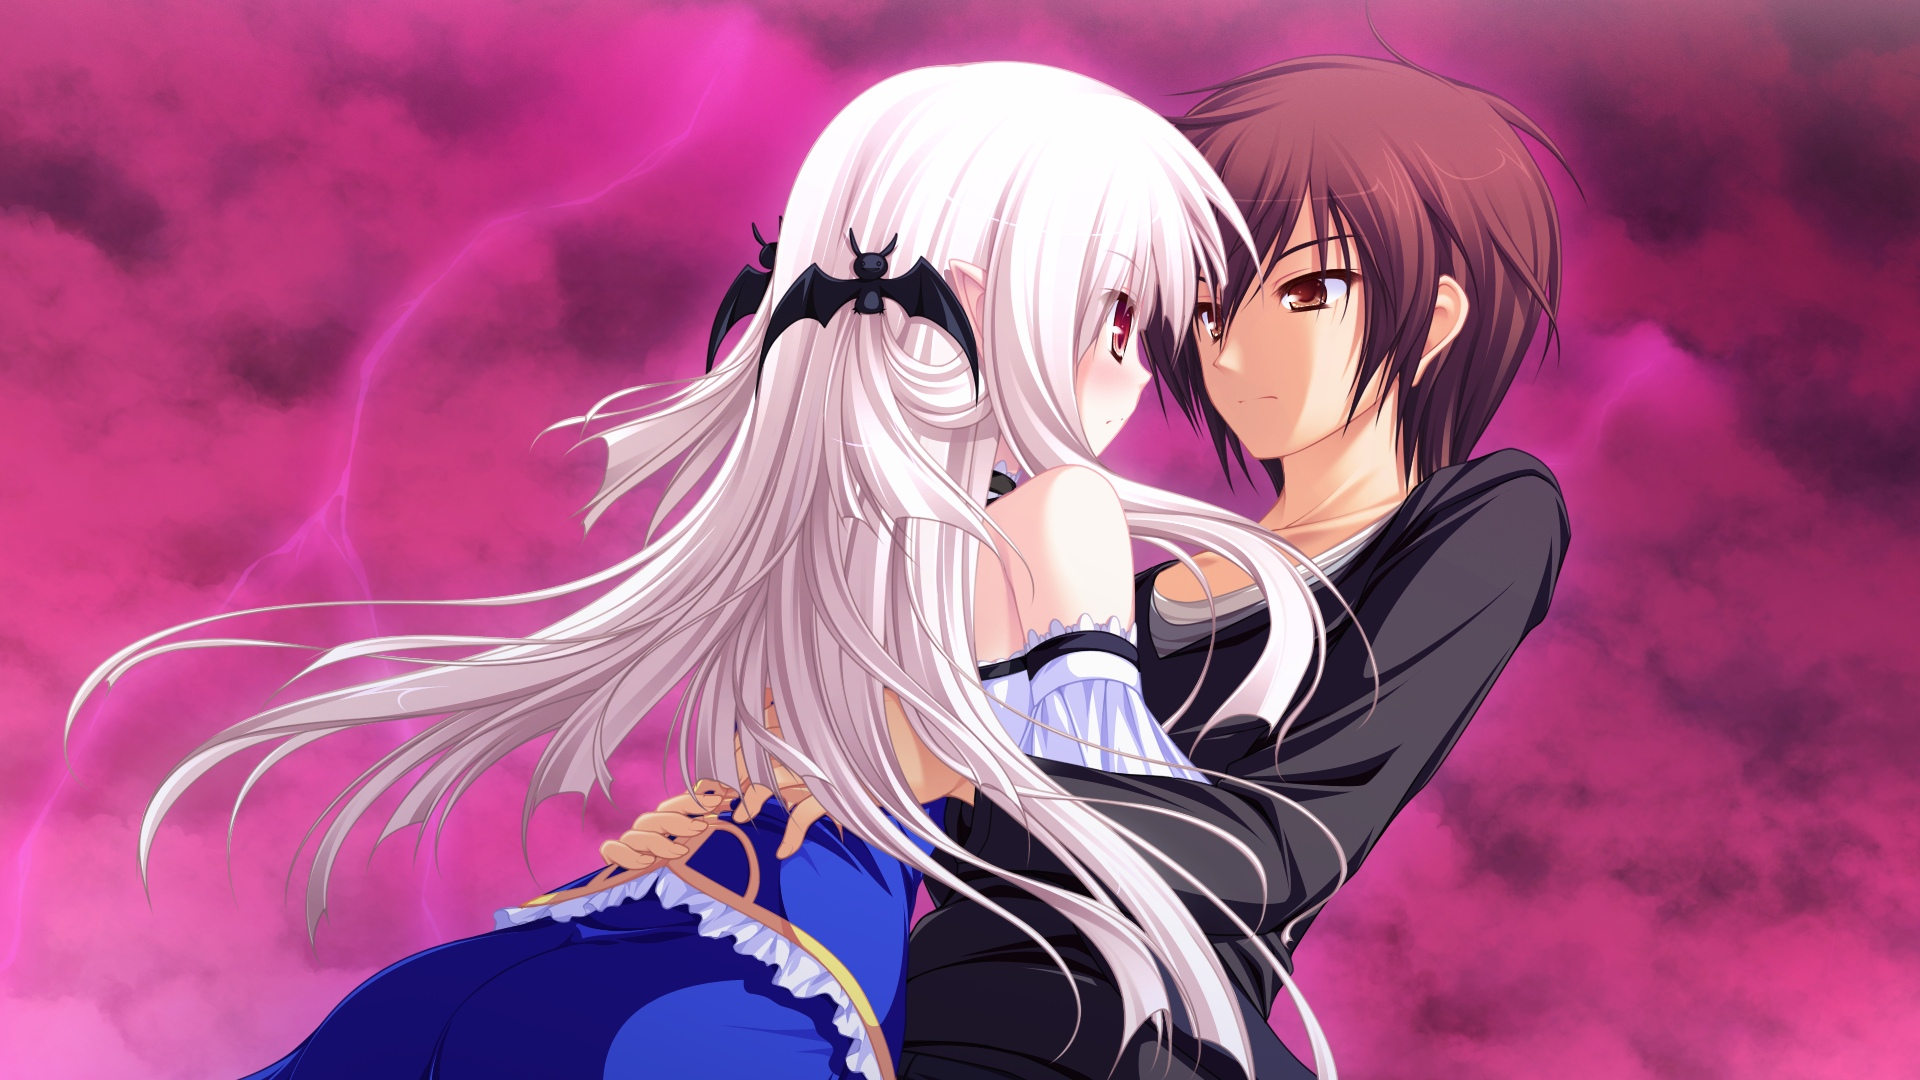 смотреть аниме про любовь в школе и магия